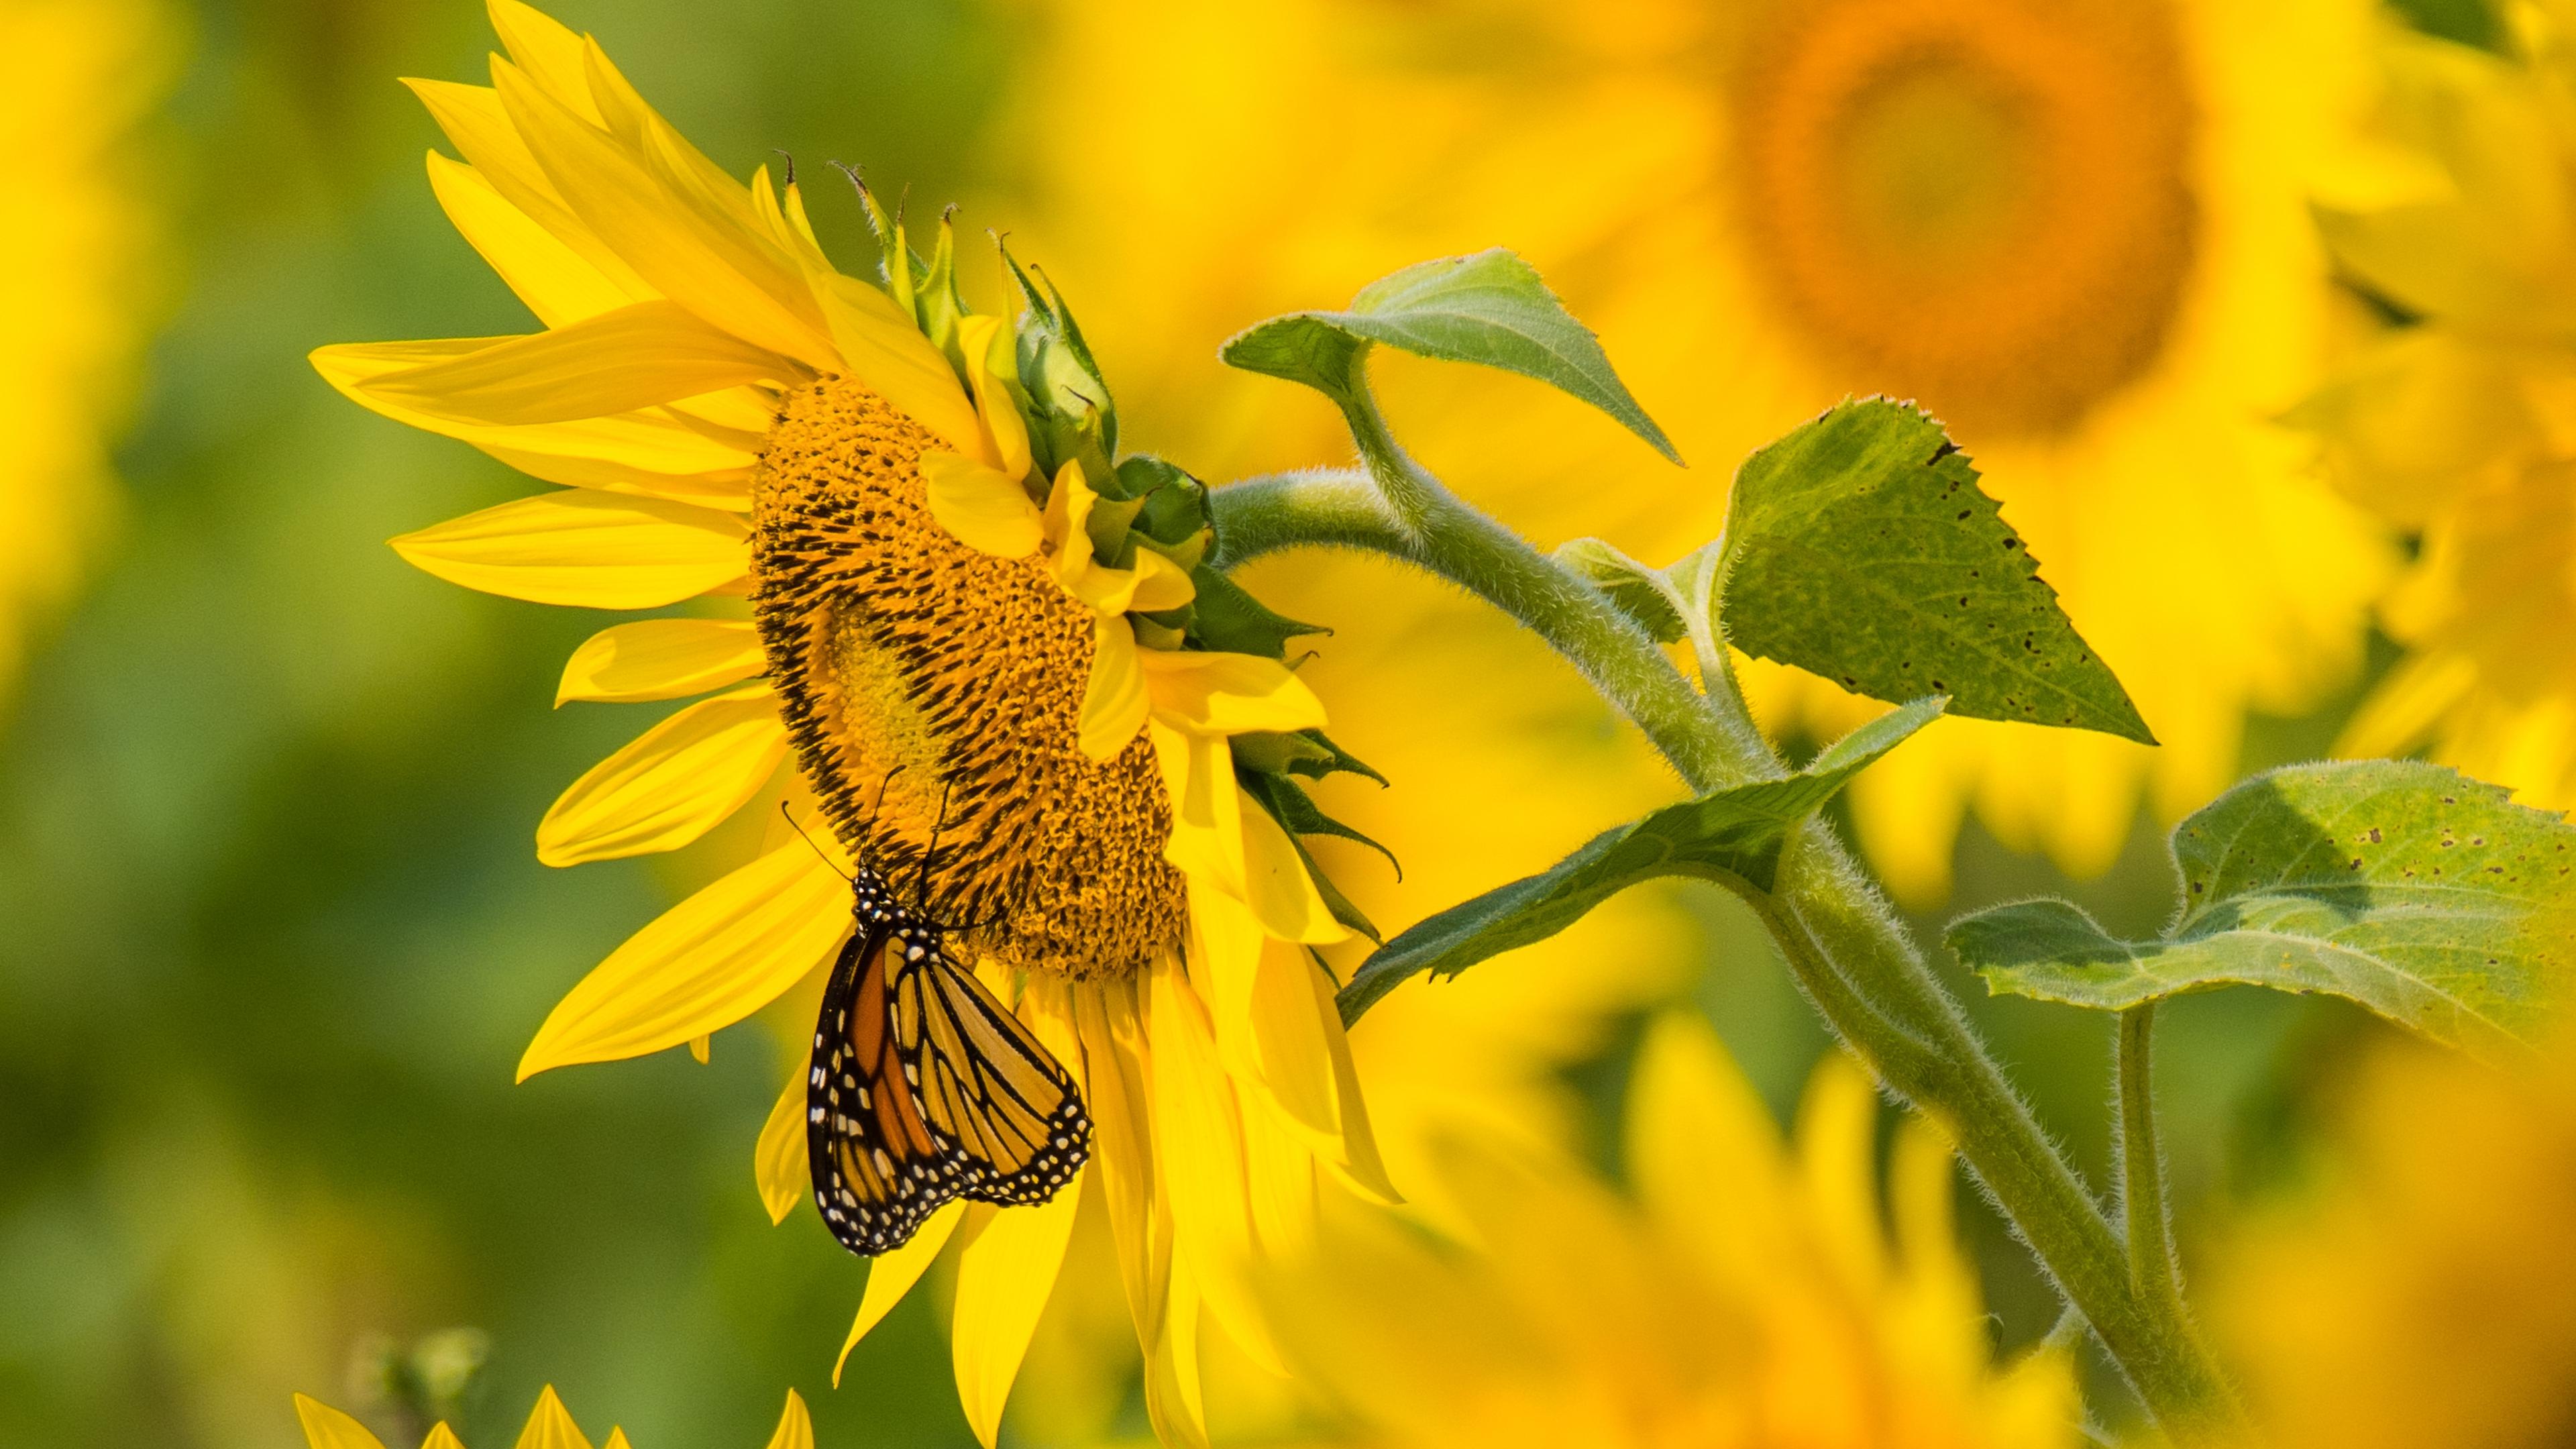 sunflower butterfly yellow summer 4k 1540064899 - sunflower, butterfly, yellow, summer 4k - yellow, Sunflower, Butterfly